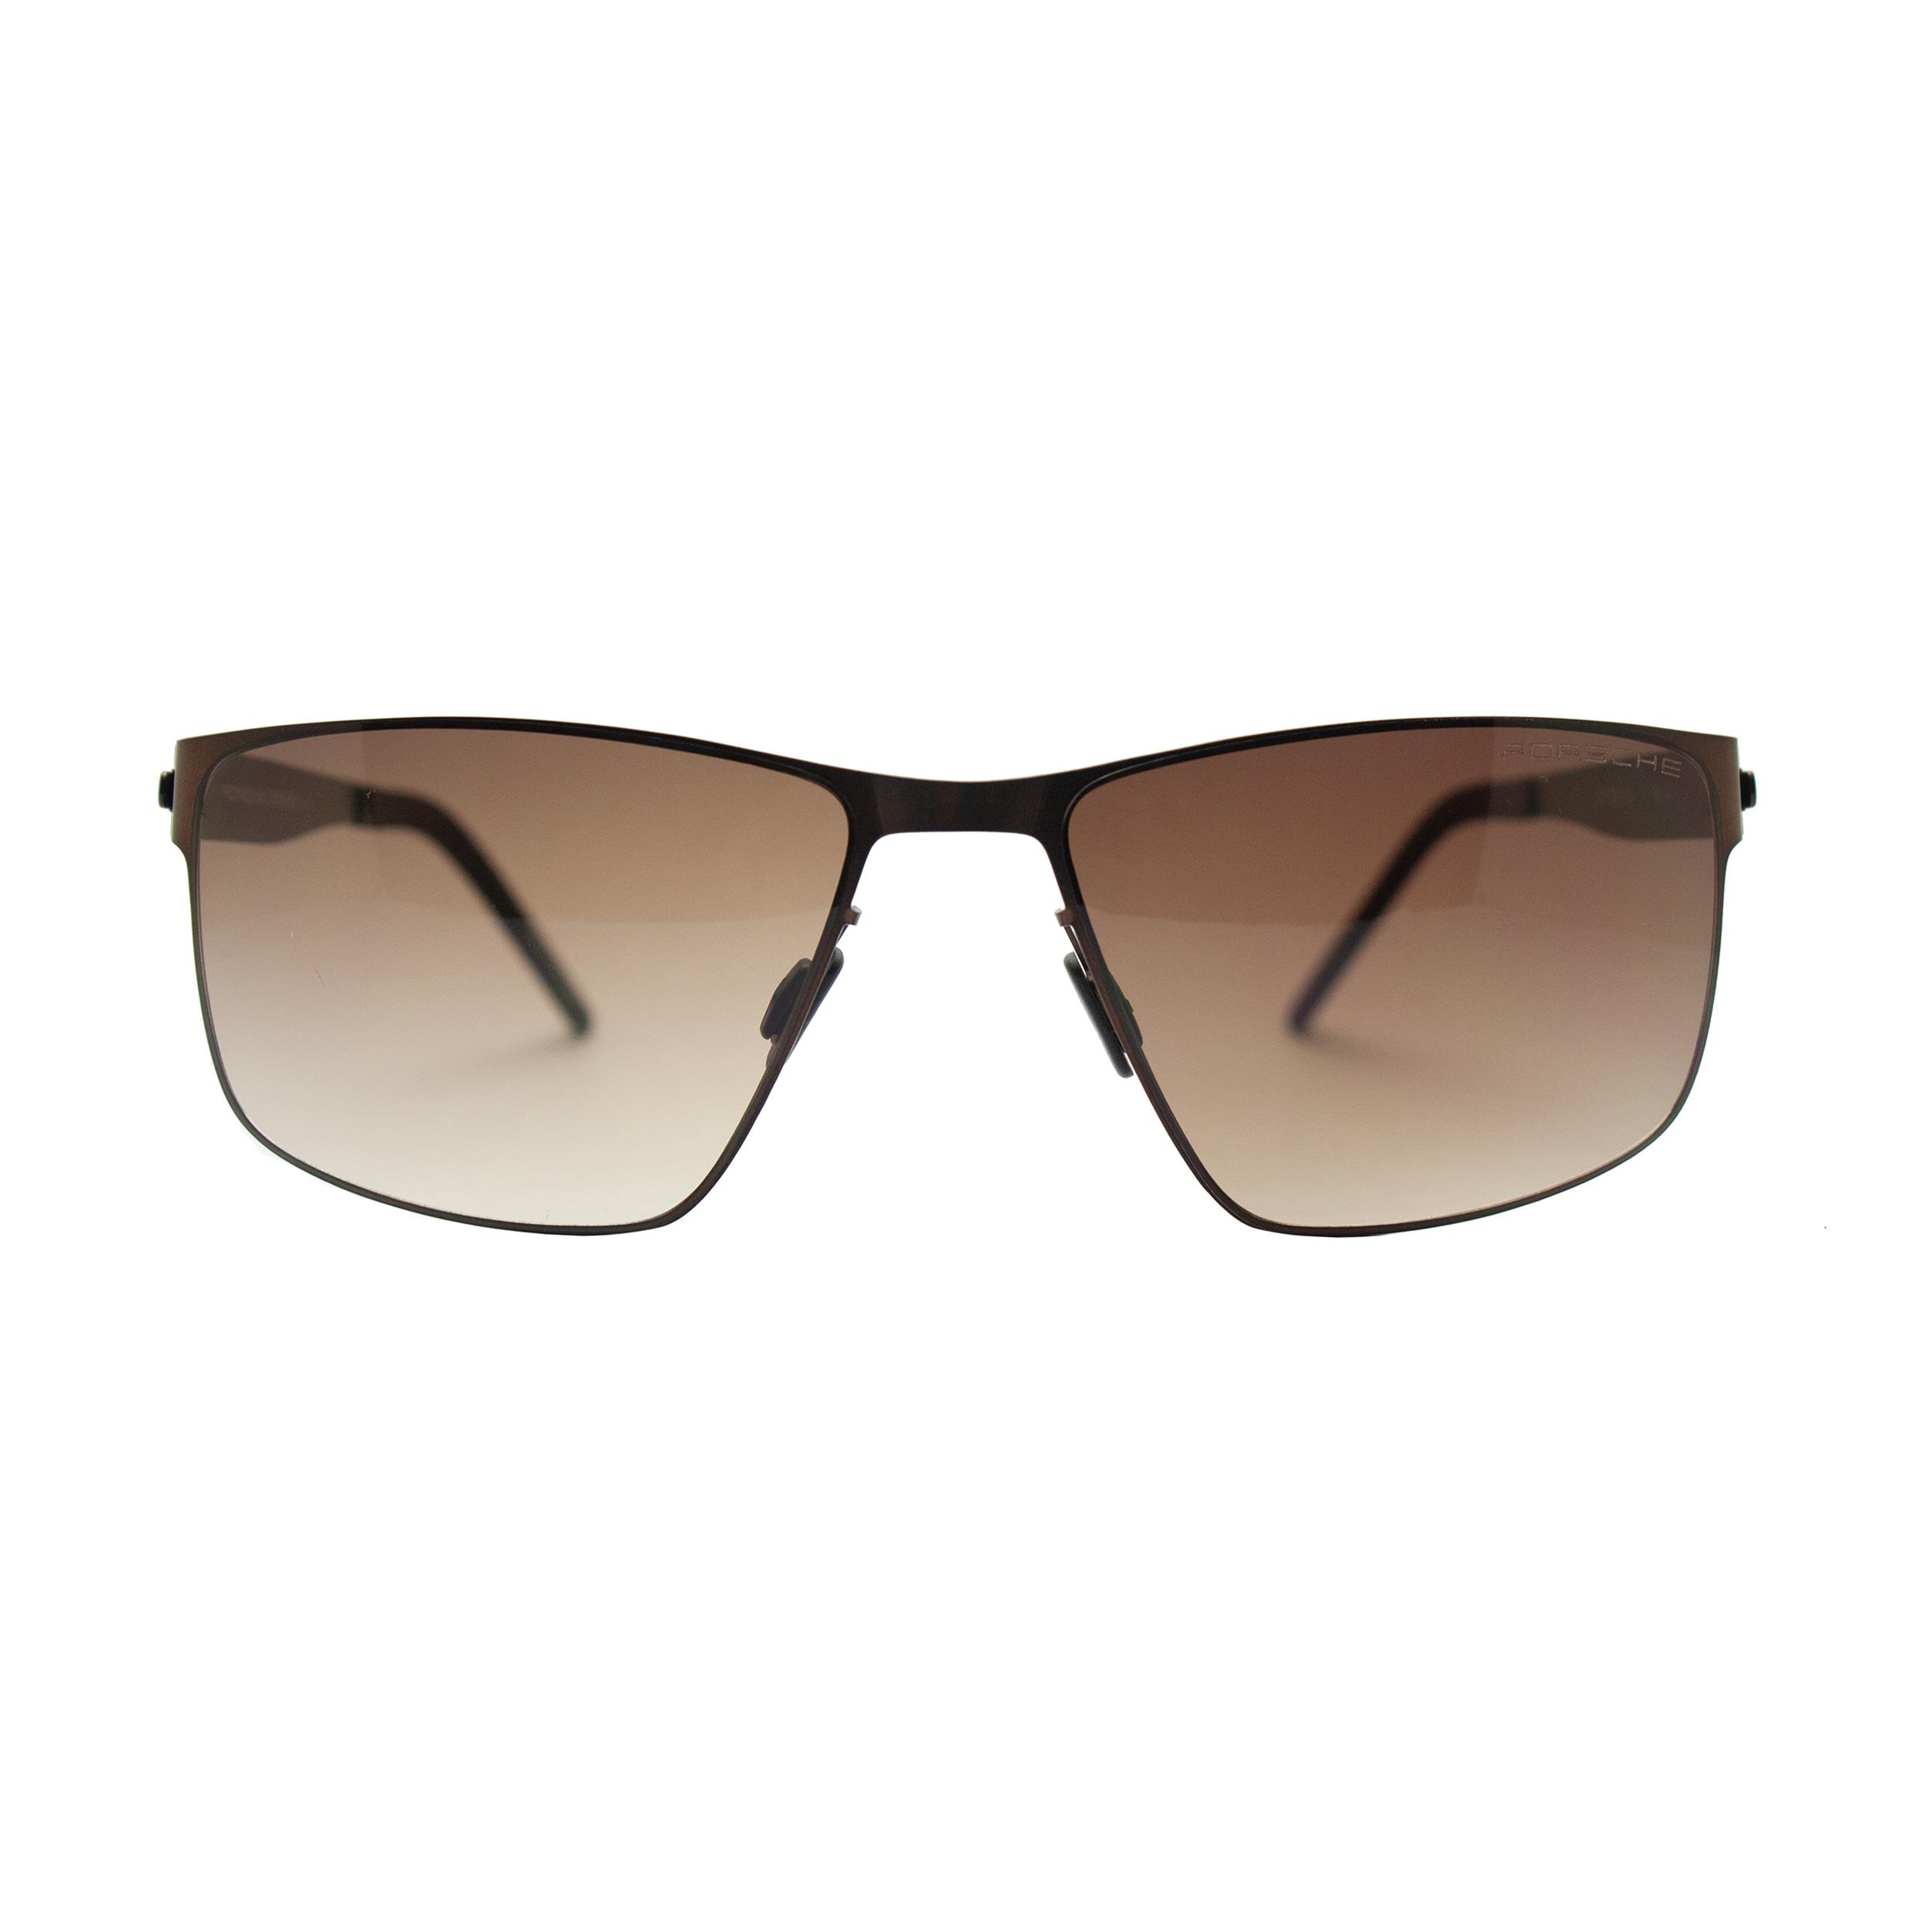 عینک آفتابی پورش دیزاین مدل P8833 BR